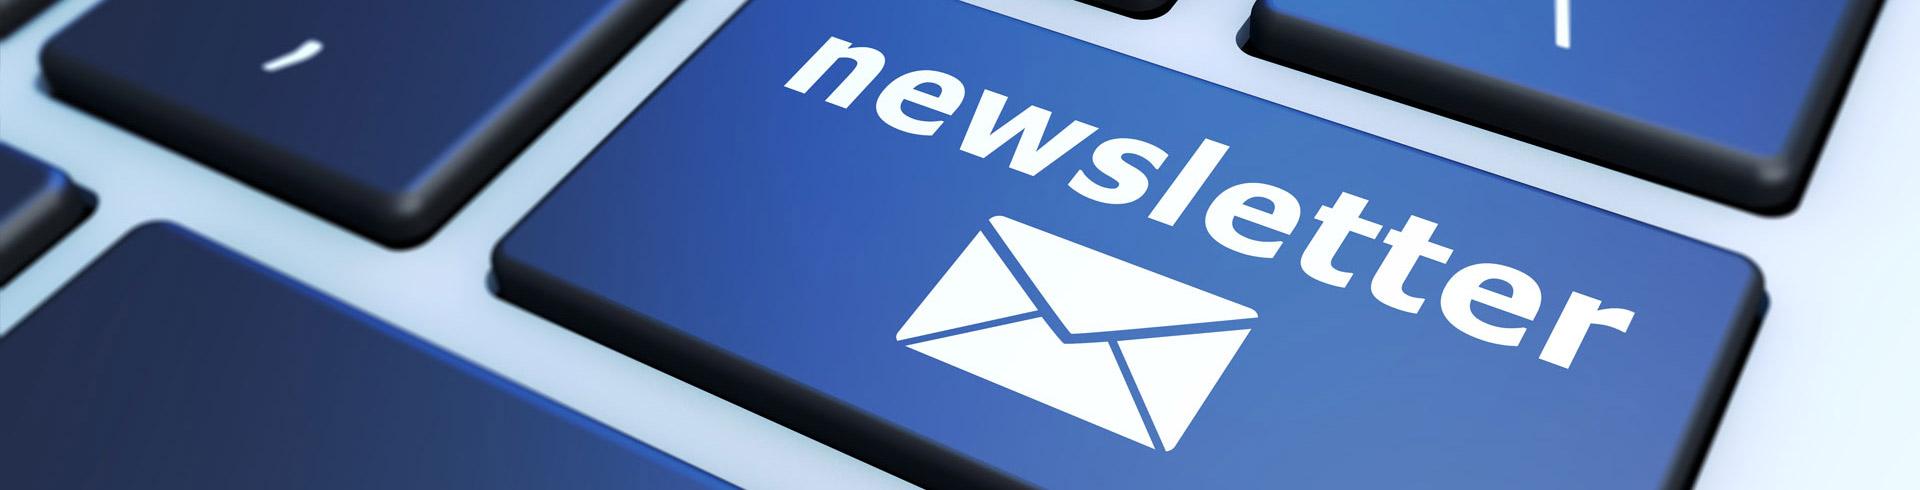 newsletter3